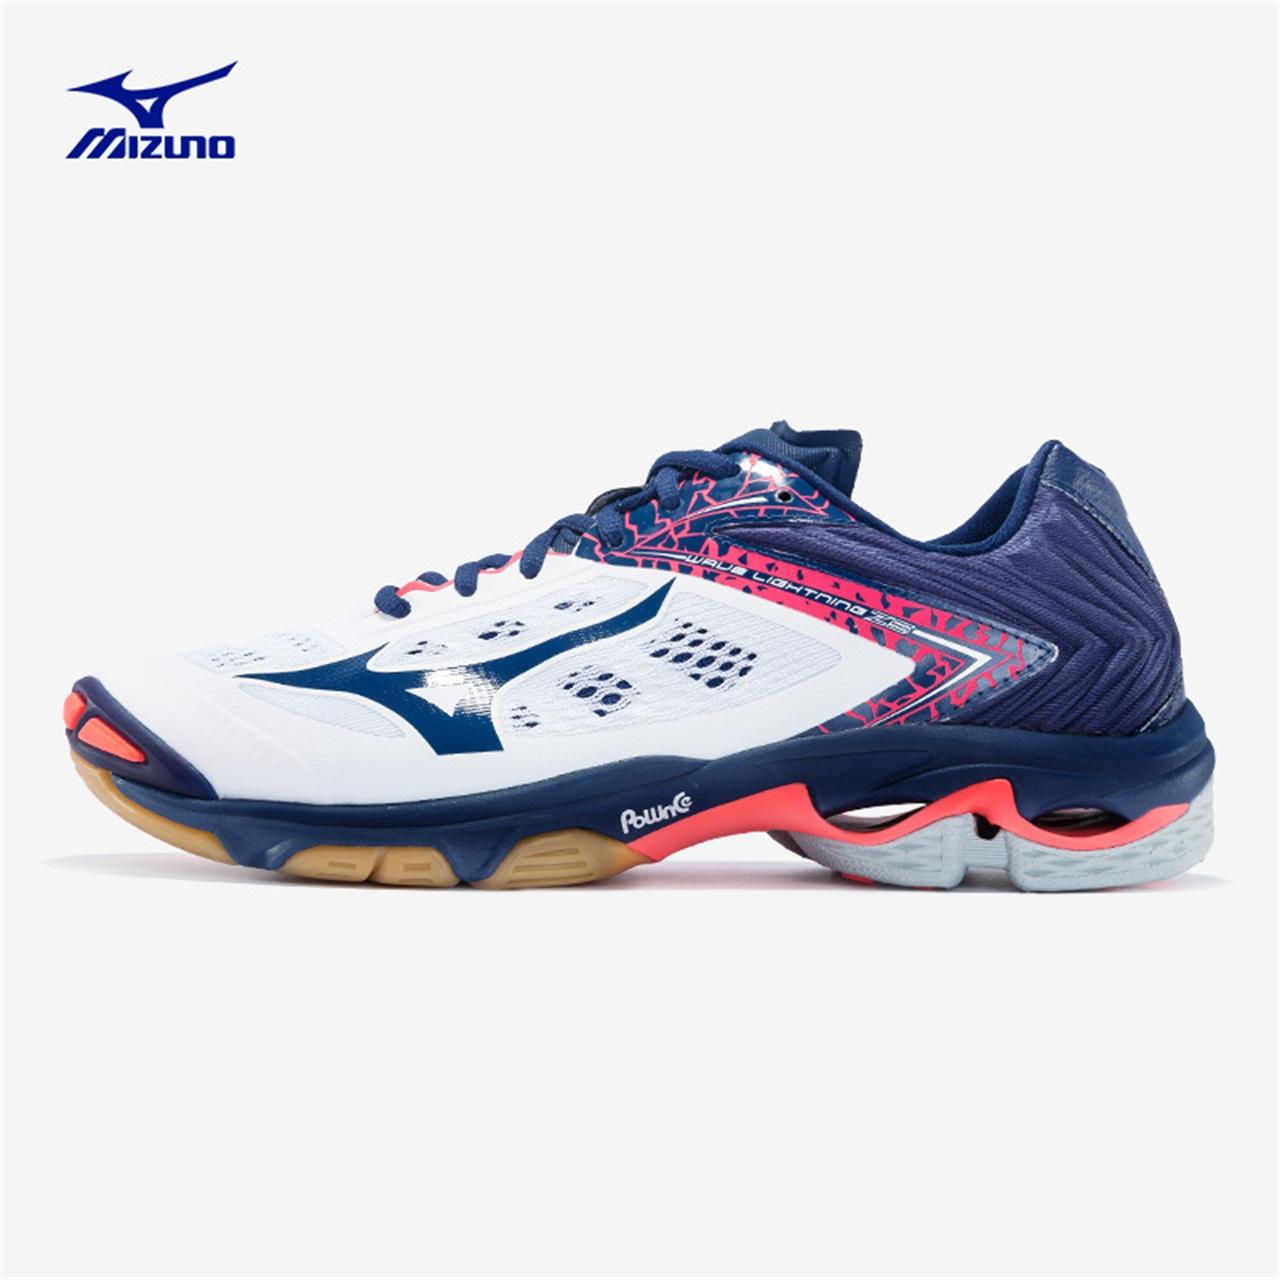 Mizuno美津浓男/女排球鞋 WAVE LIGHTNING Z5 V1GA190015